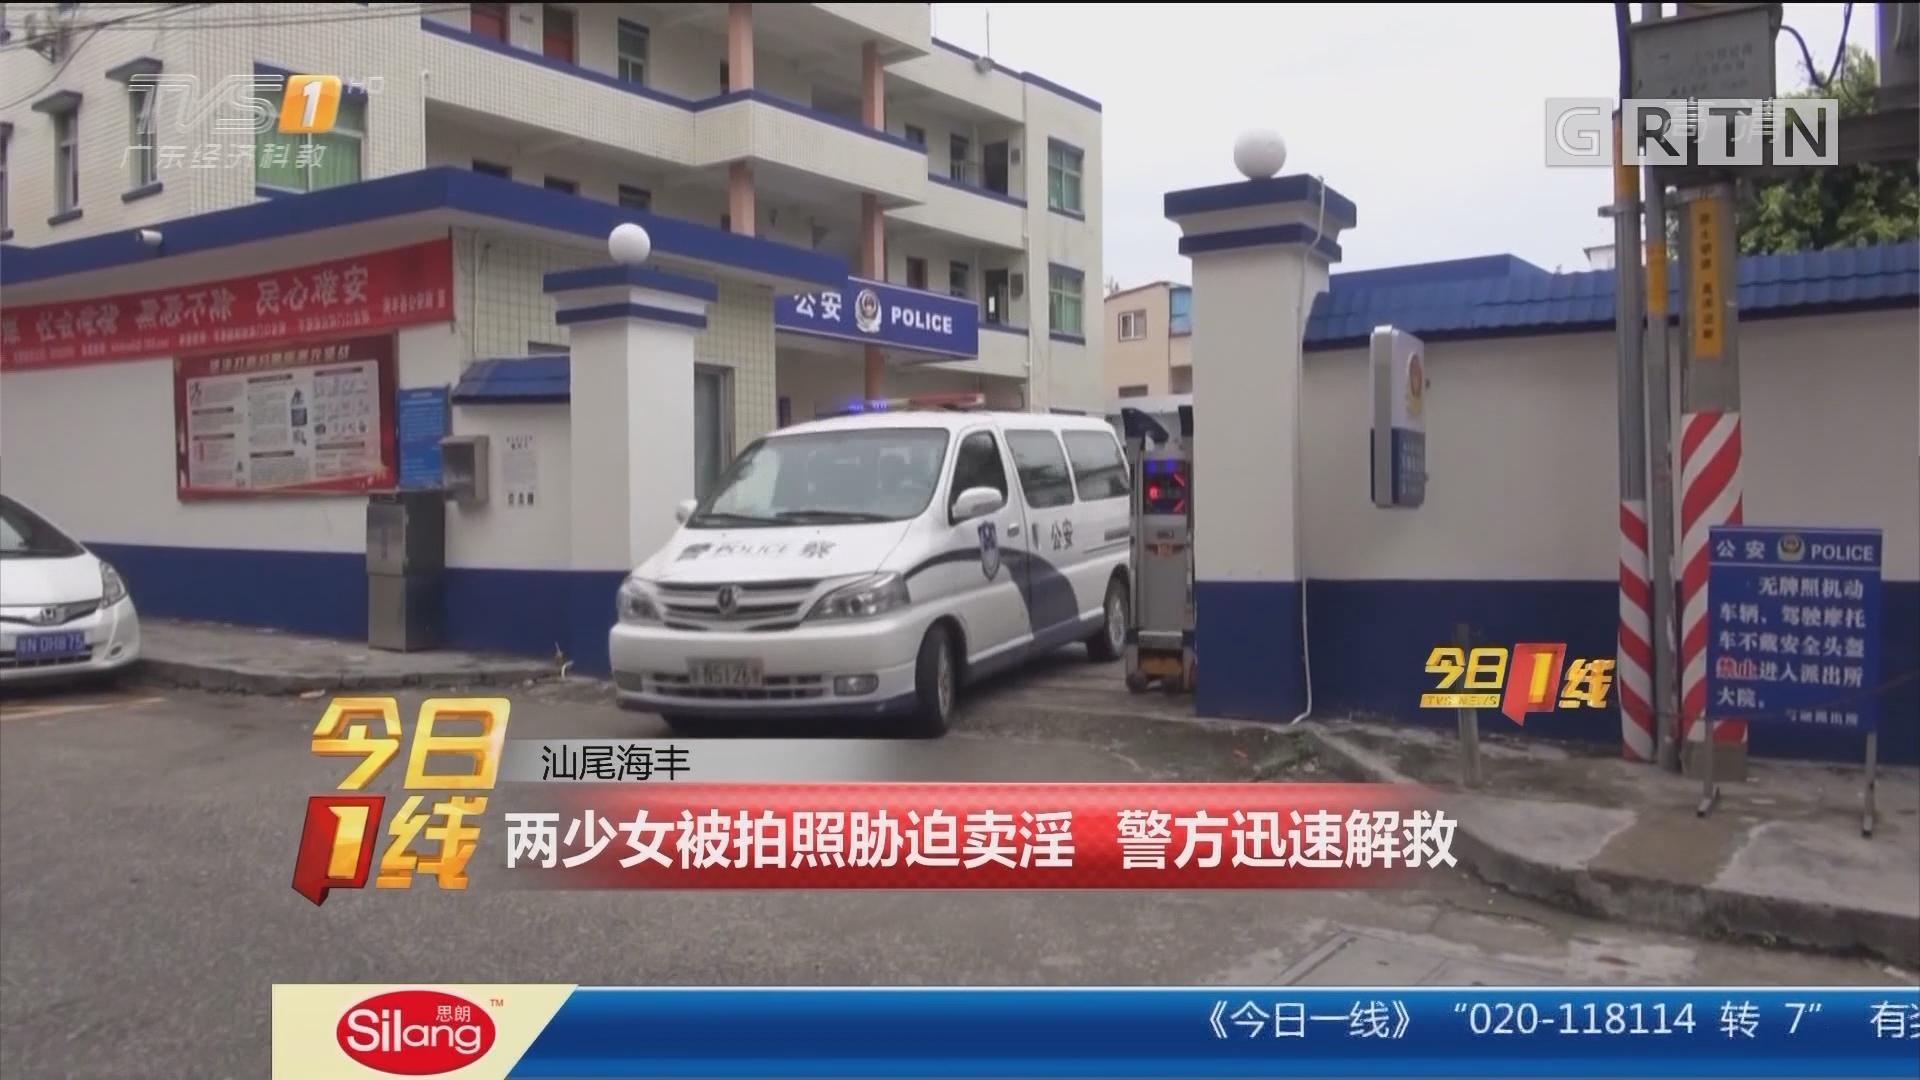 汕尾海丰:两少女被拍照胁迫卖淫 警方迅速解救